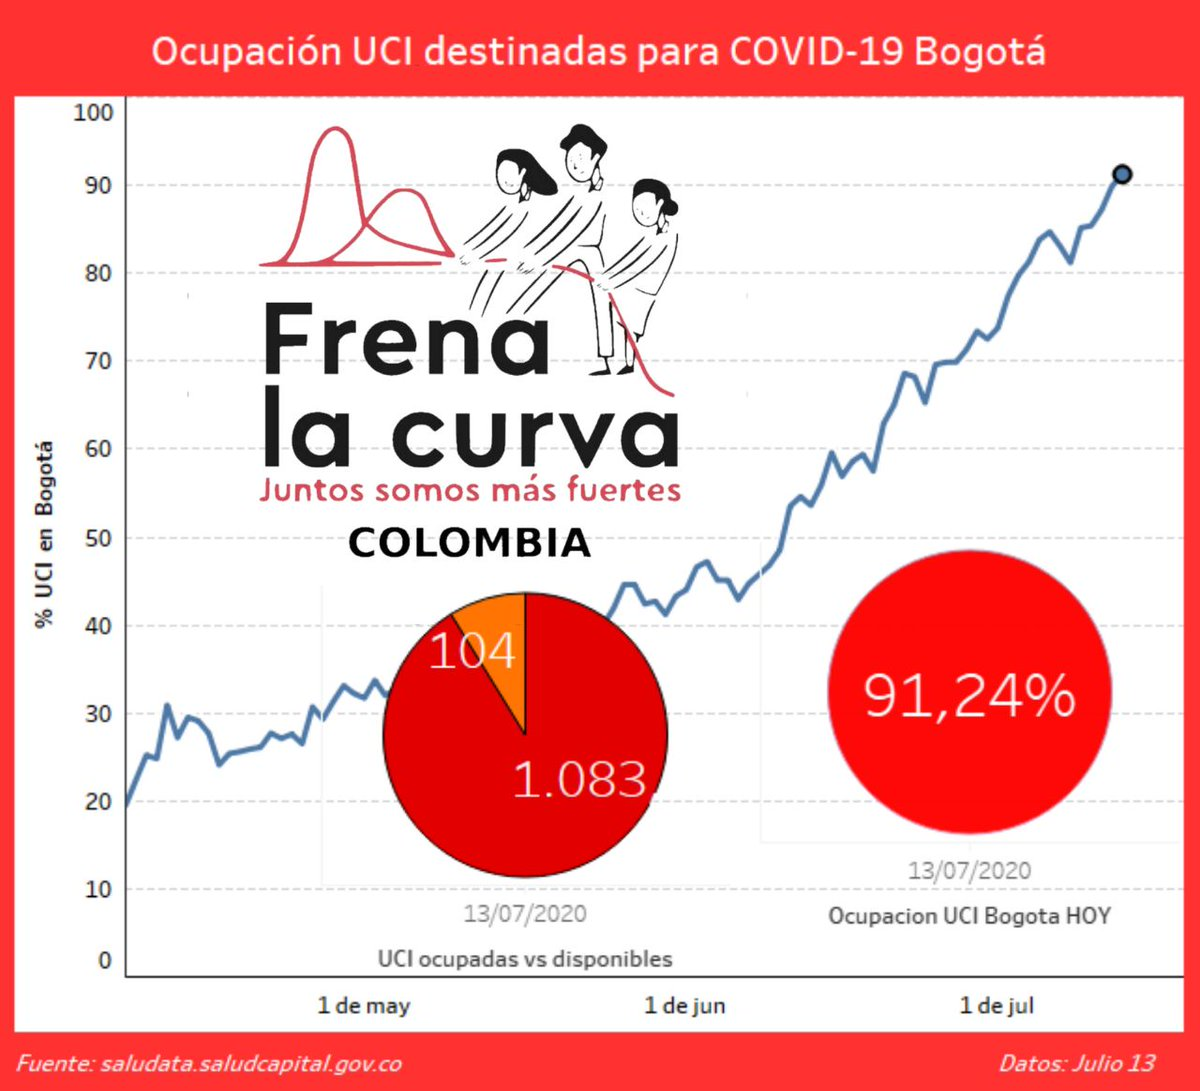 Ocupación de #UCI  para COVID-19 en @Bogota  Recuerda las restricciones de cada localidad y #QuedateEnCasa  @Colcheck @SaldarriagaConc @FundacionJuanfe @FundacionBD @FundacionAlpina @FundKeralty @ProyectoViveCol @ensenaXcolombia @elavisperomov #PelaezdeFranciscoenLaW #ElPicopic.twitter.com/gYM9Xo0hqA